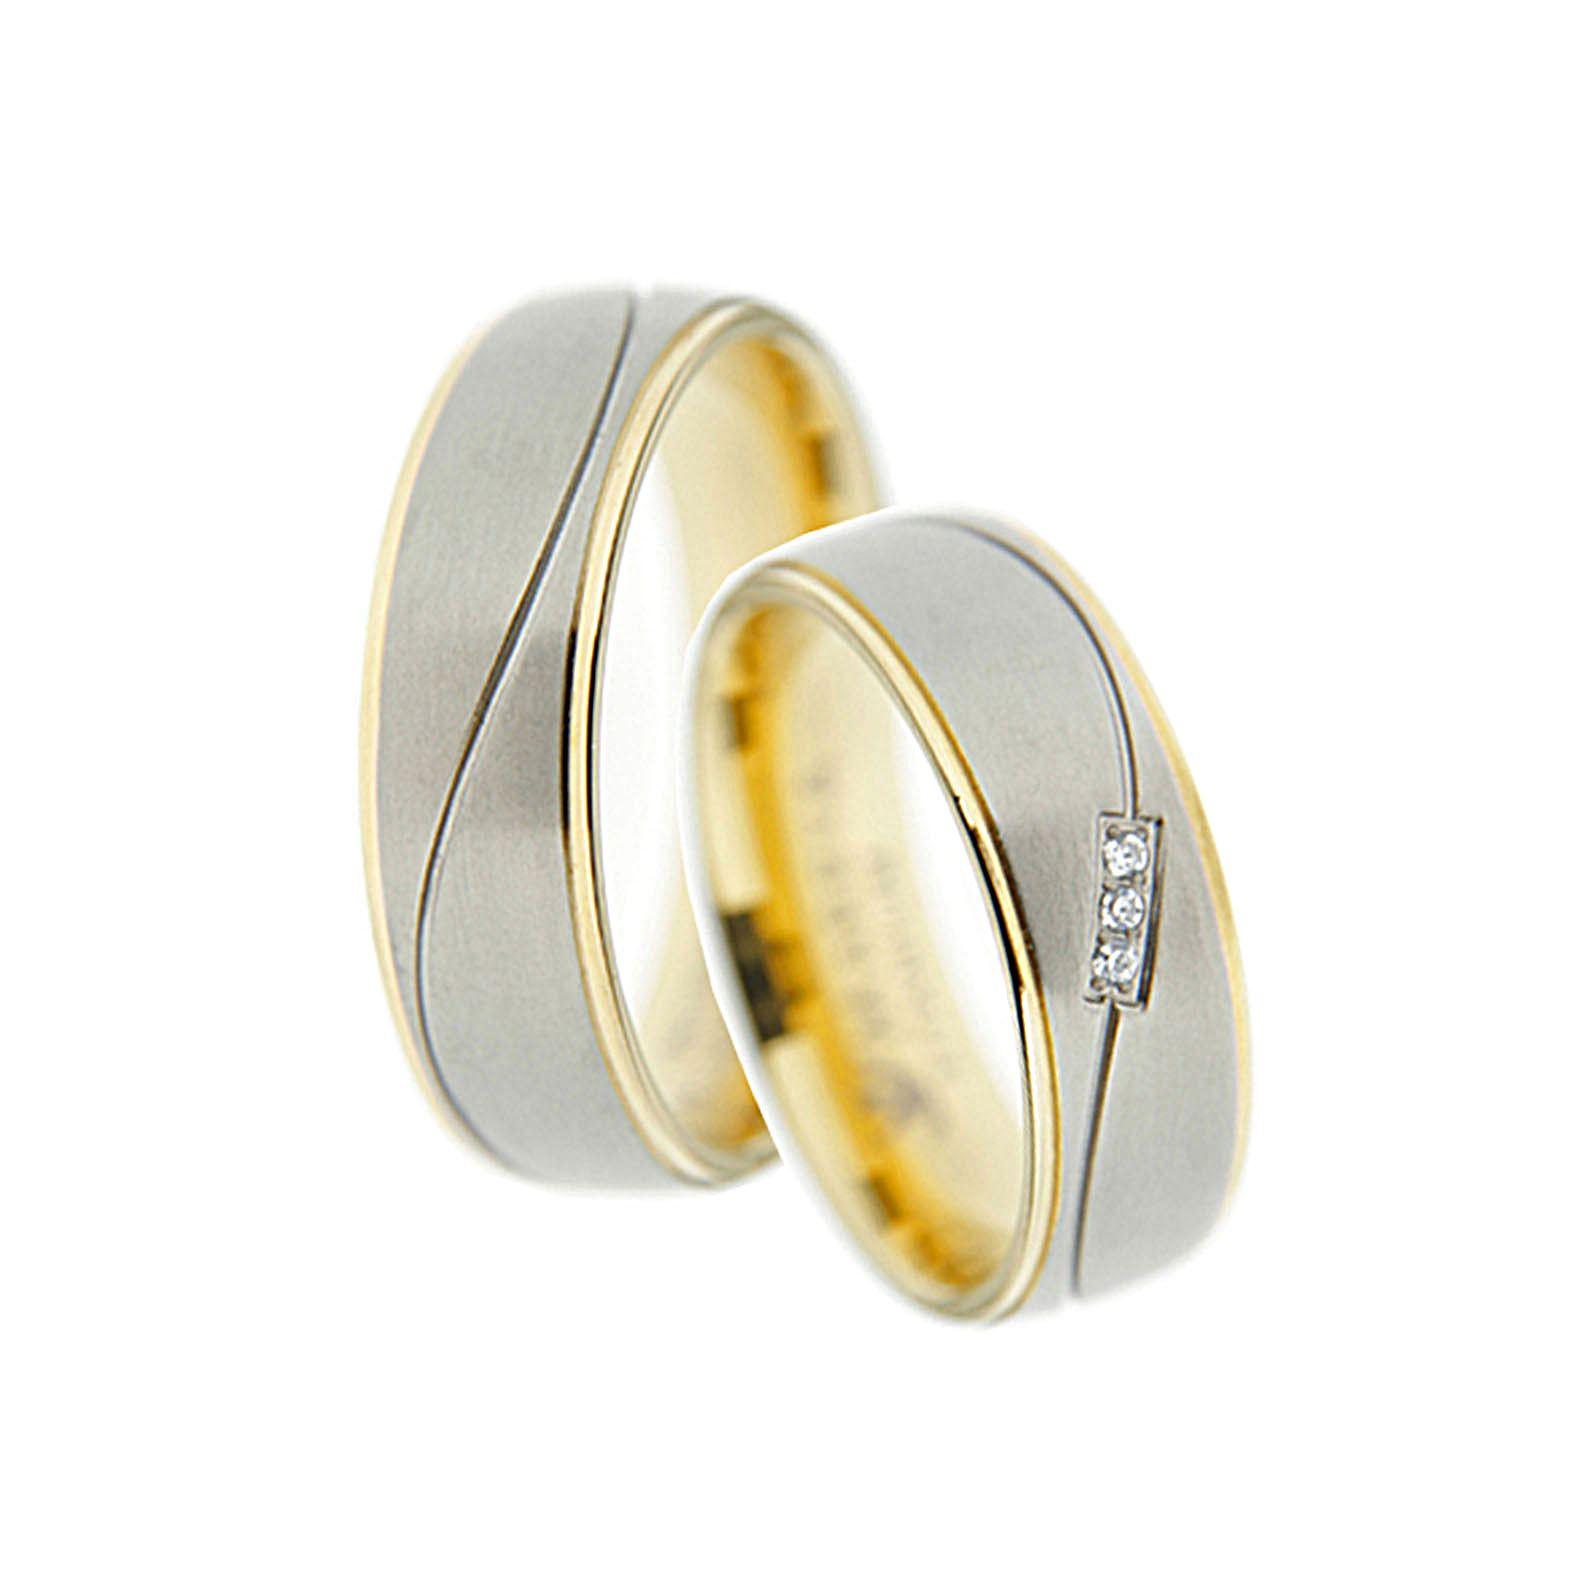 Partnerringe titan bicolor  Bicolor Ring-Paar, Verlobungsringe, Freundschaftsringe ...